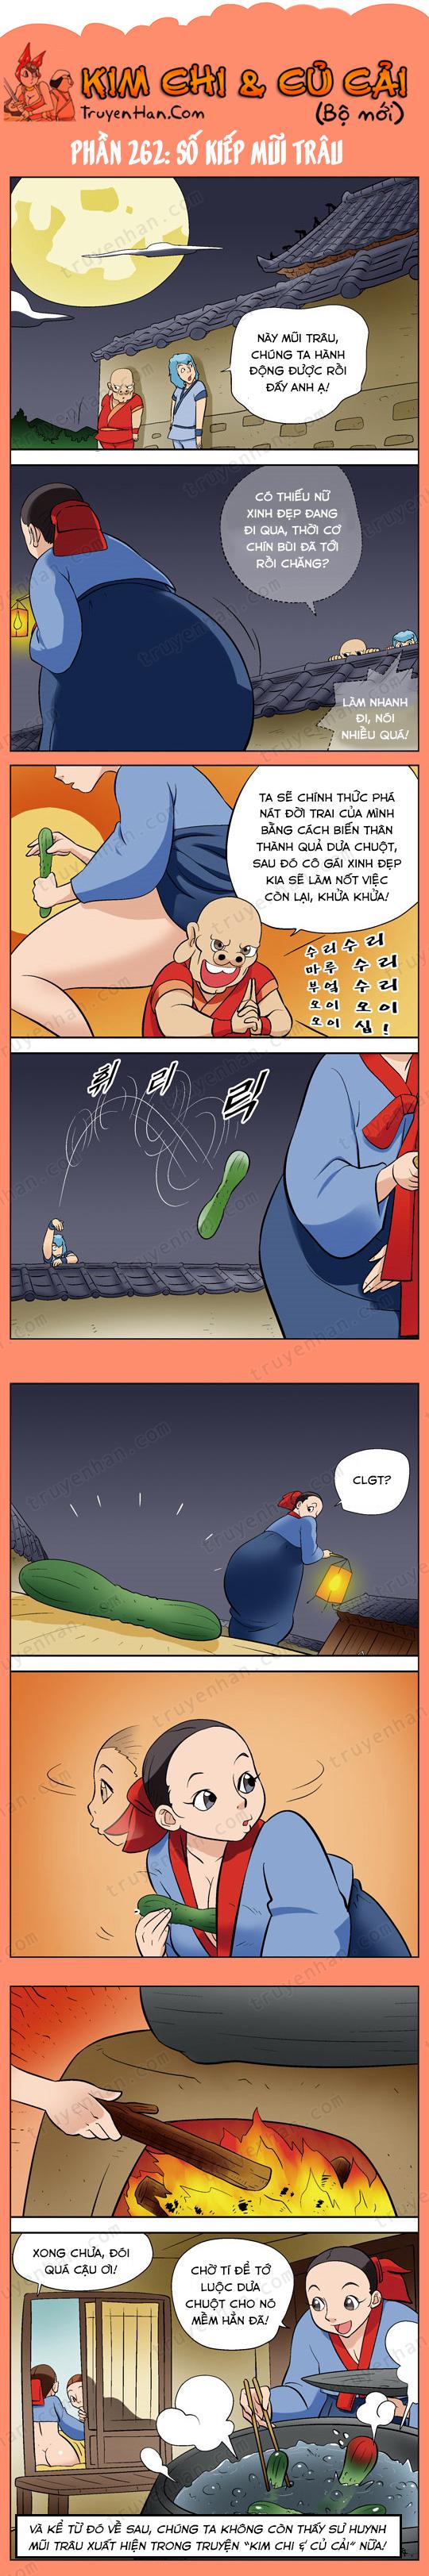 Kim Chi Và Củ Cải phần 262: Số kiếp Mũi Trâu